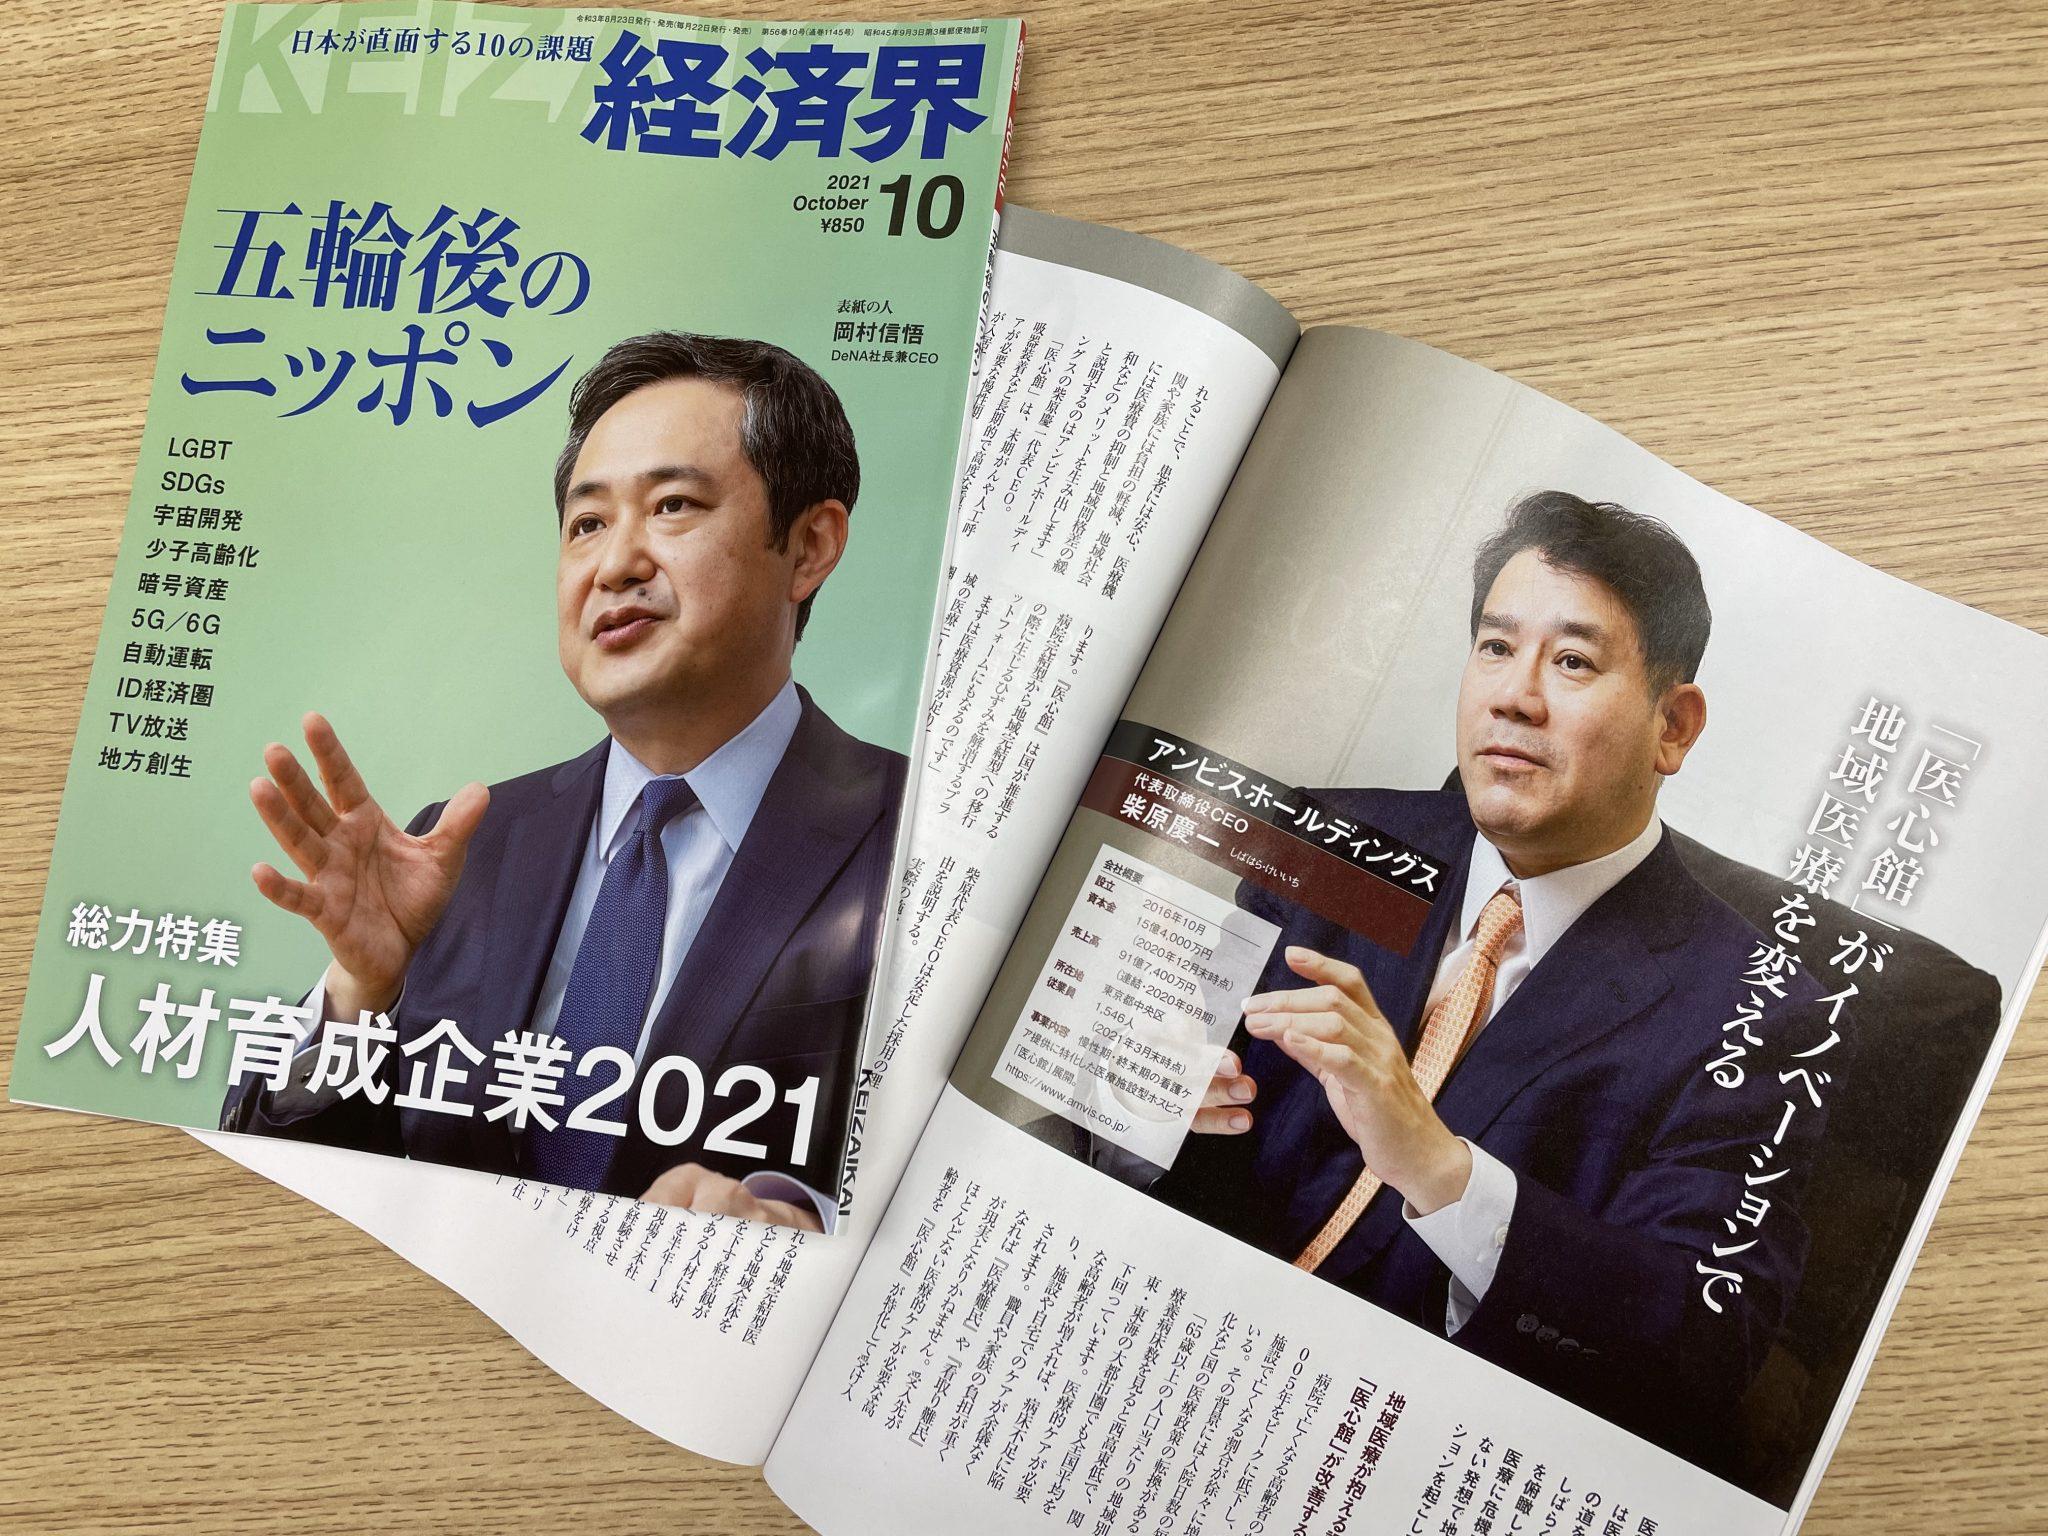 雑誌「経済界」にアンビスホールディングスが掲載されました